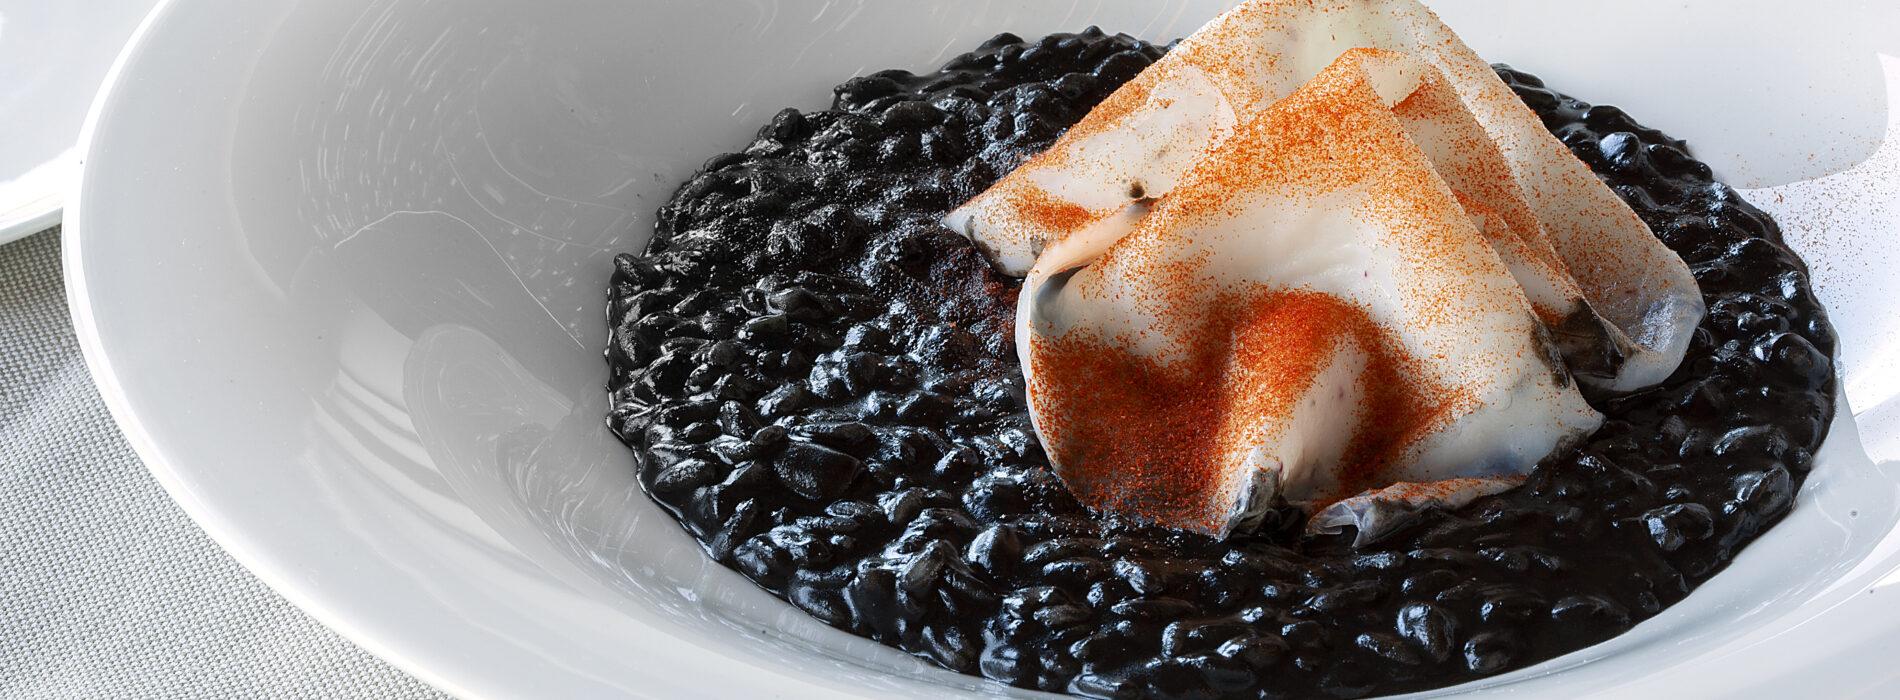 Riso con tartare di seppia, il suo nero e polvere di peperone arrostito: la ricetta di Ristorante Olio